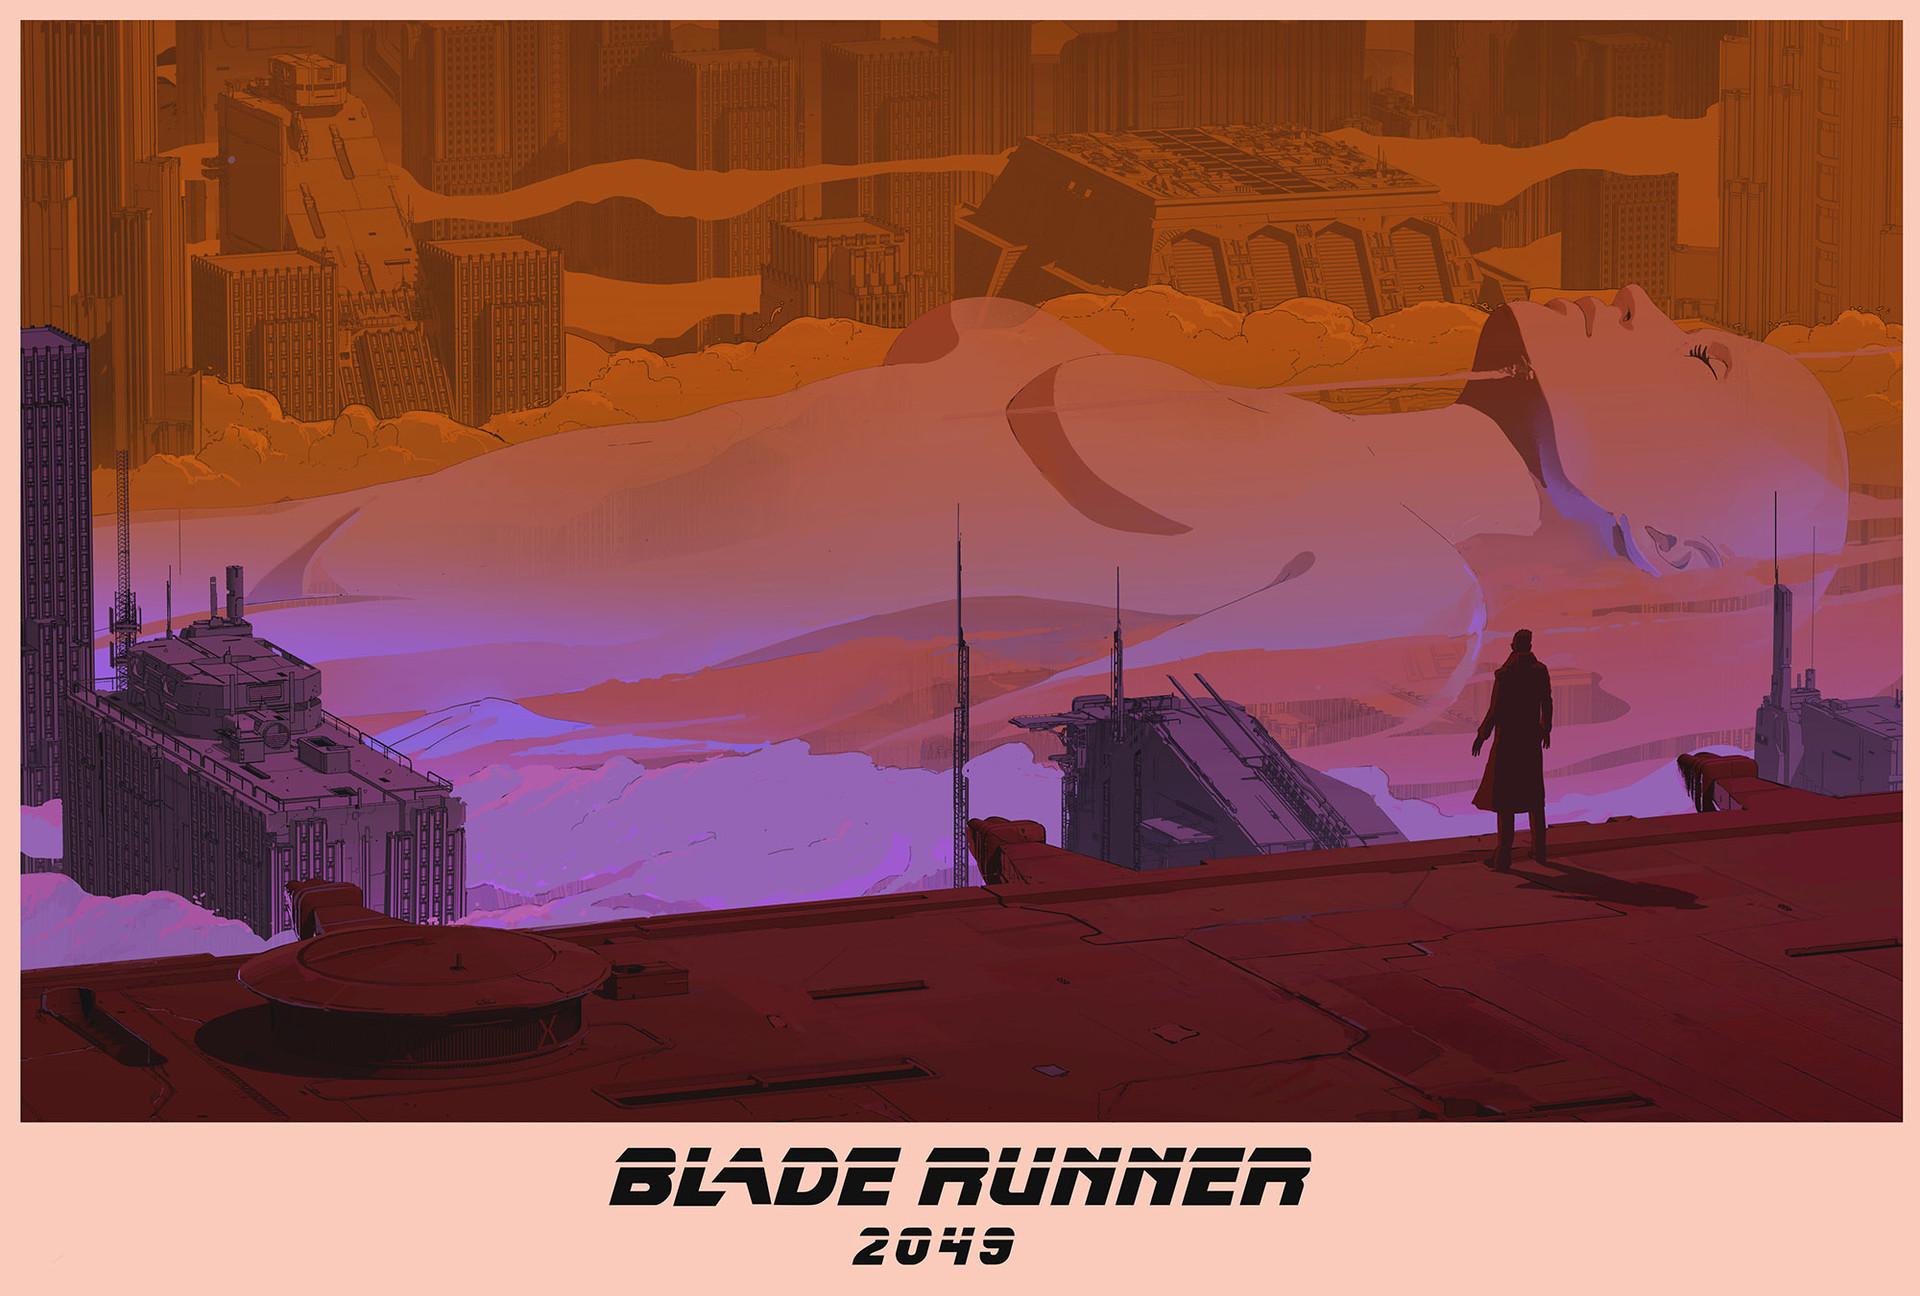 《银翼杀手2049》海报设计2-Renderbus云渲染农场